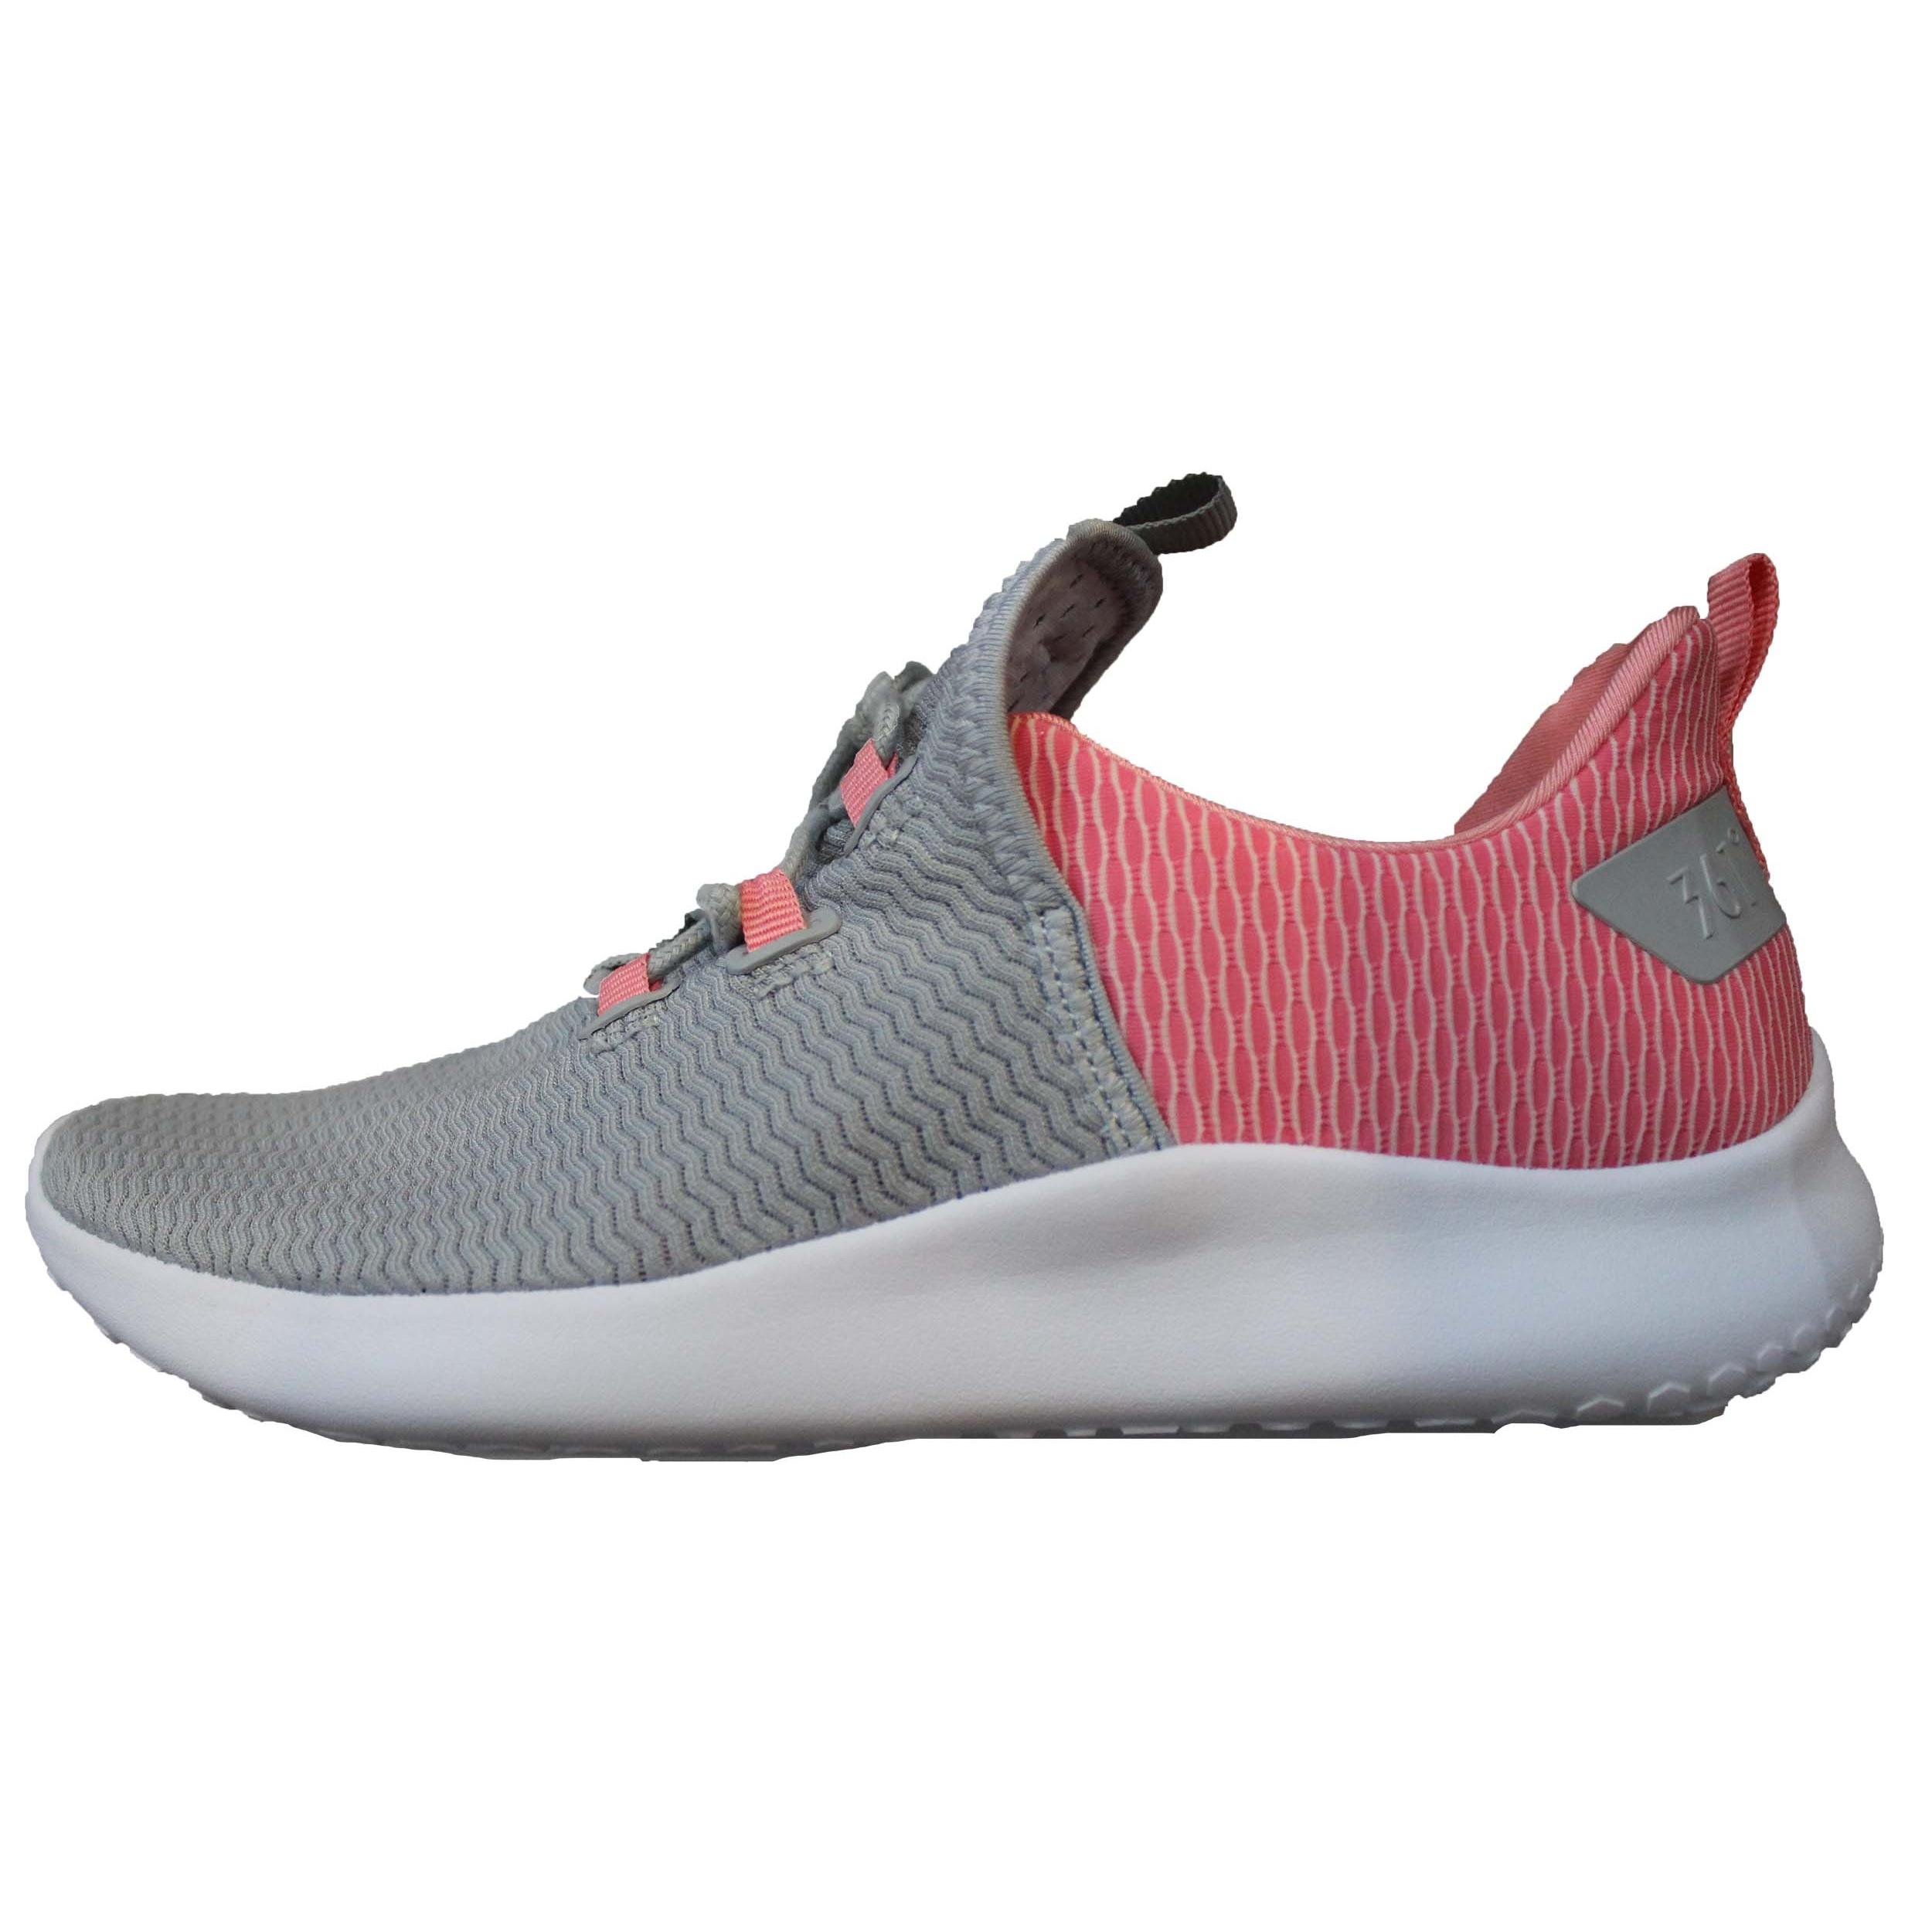 کفش مخصوص پیاده روی زنانه 361 درجه کد 4569874563